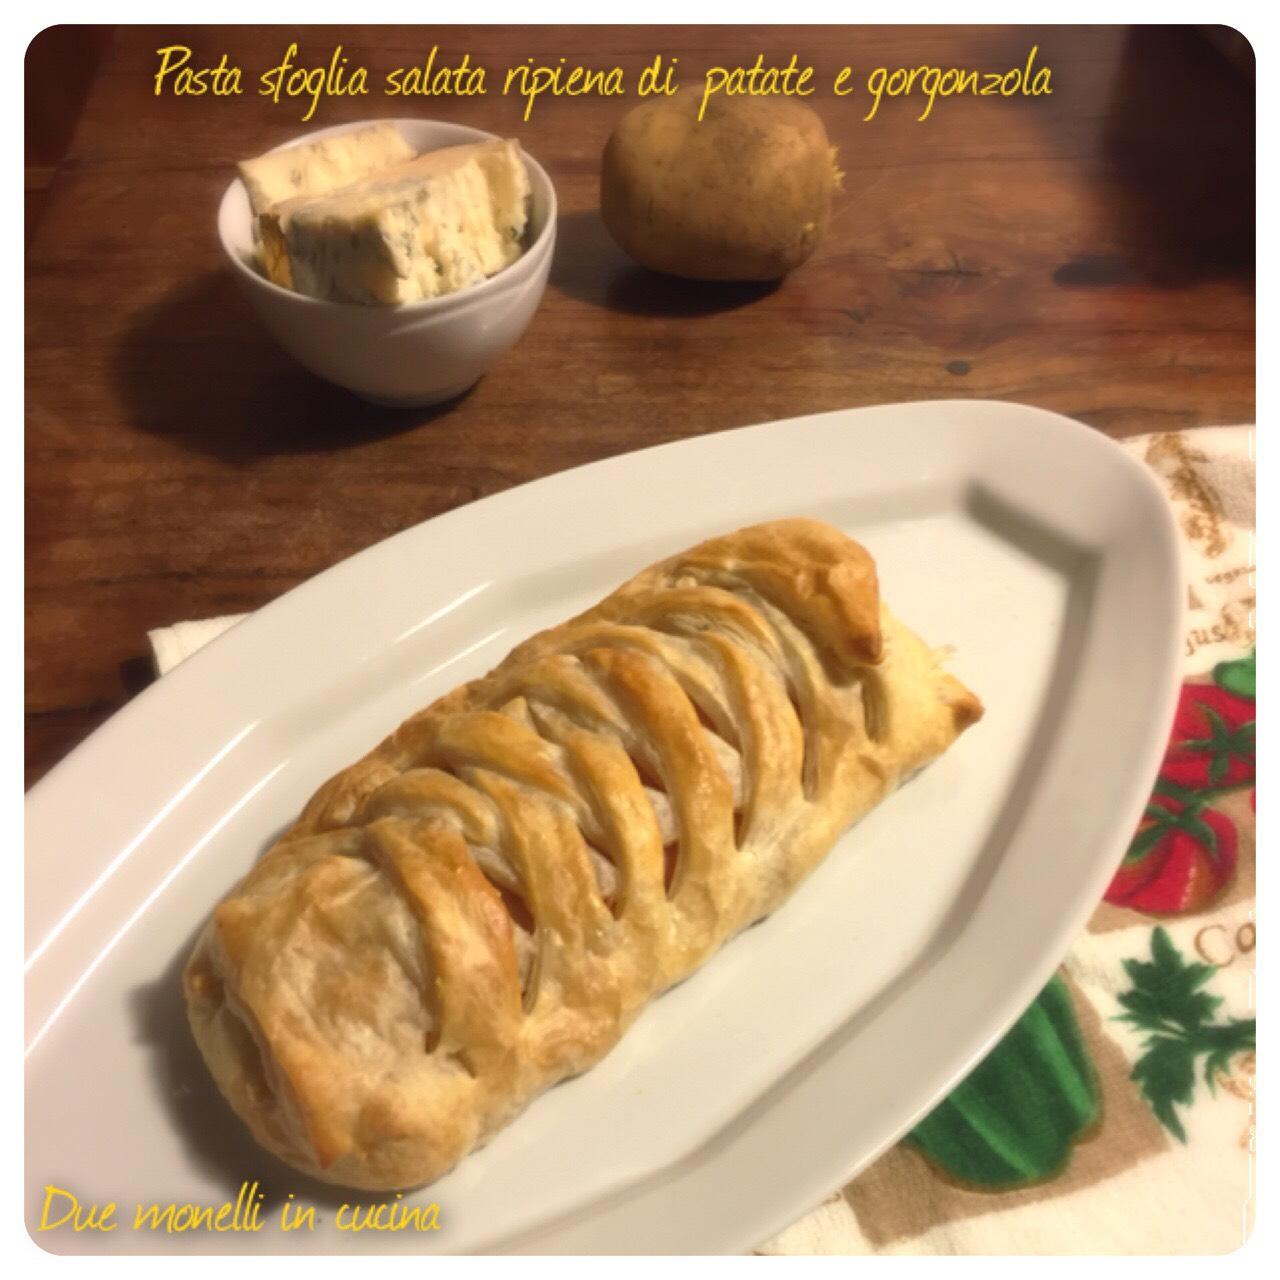 abbastanza Ricette Pasta sfoglia ripiena salata - Le ricette di GialloZafferano YH11